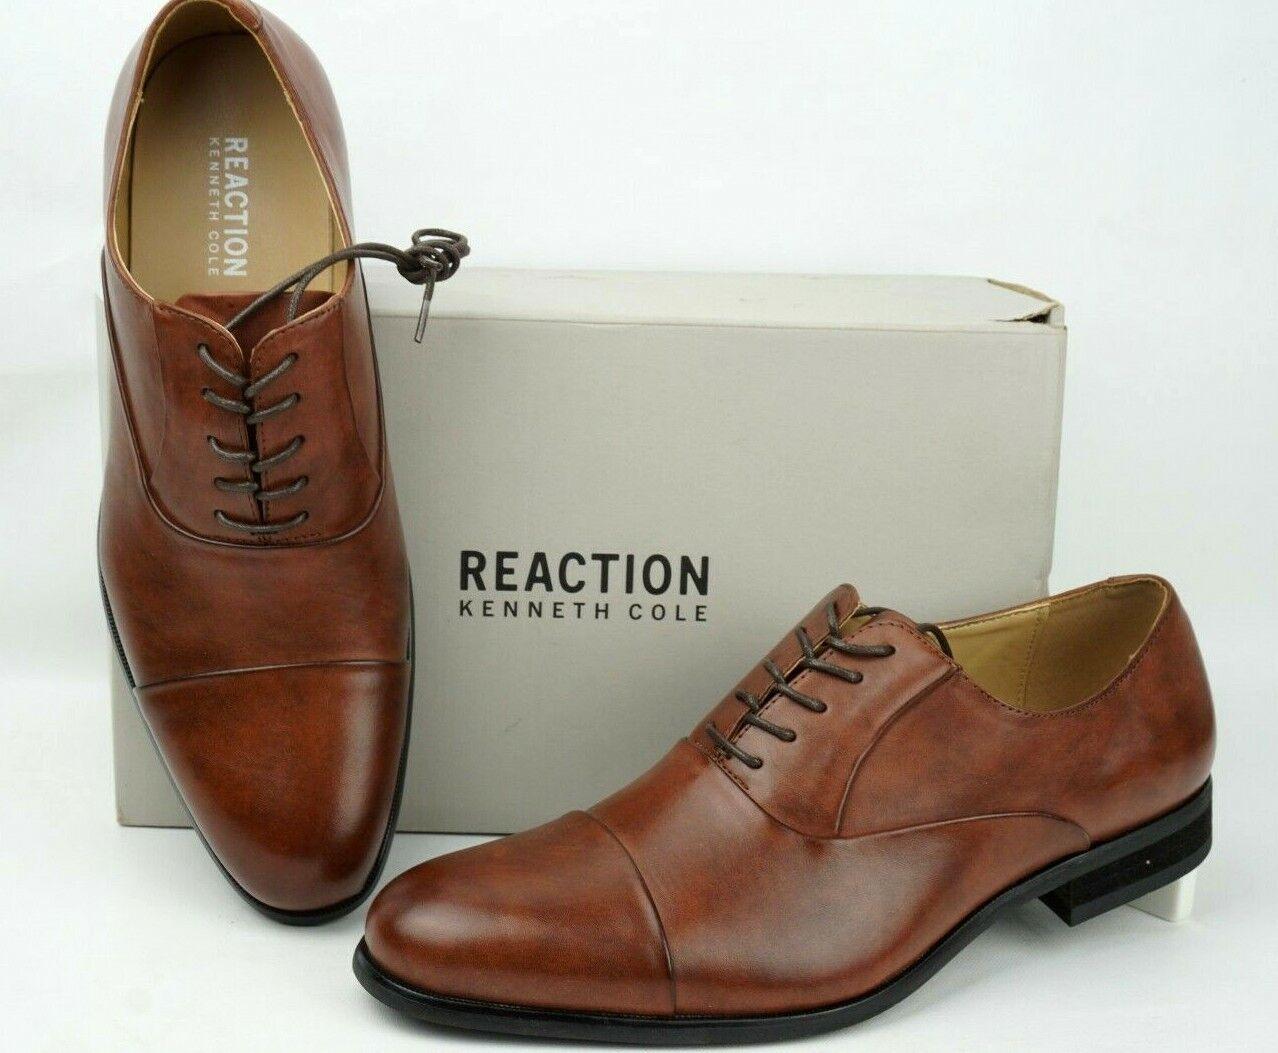 Kenneth Cole Reaction Design 213111 Mens Cognac Oxford Shoe Men Sz 9 WIDE Eur 42